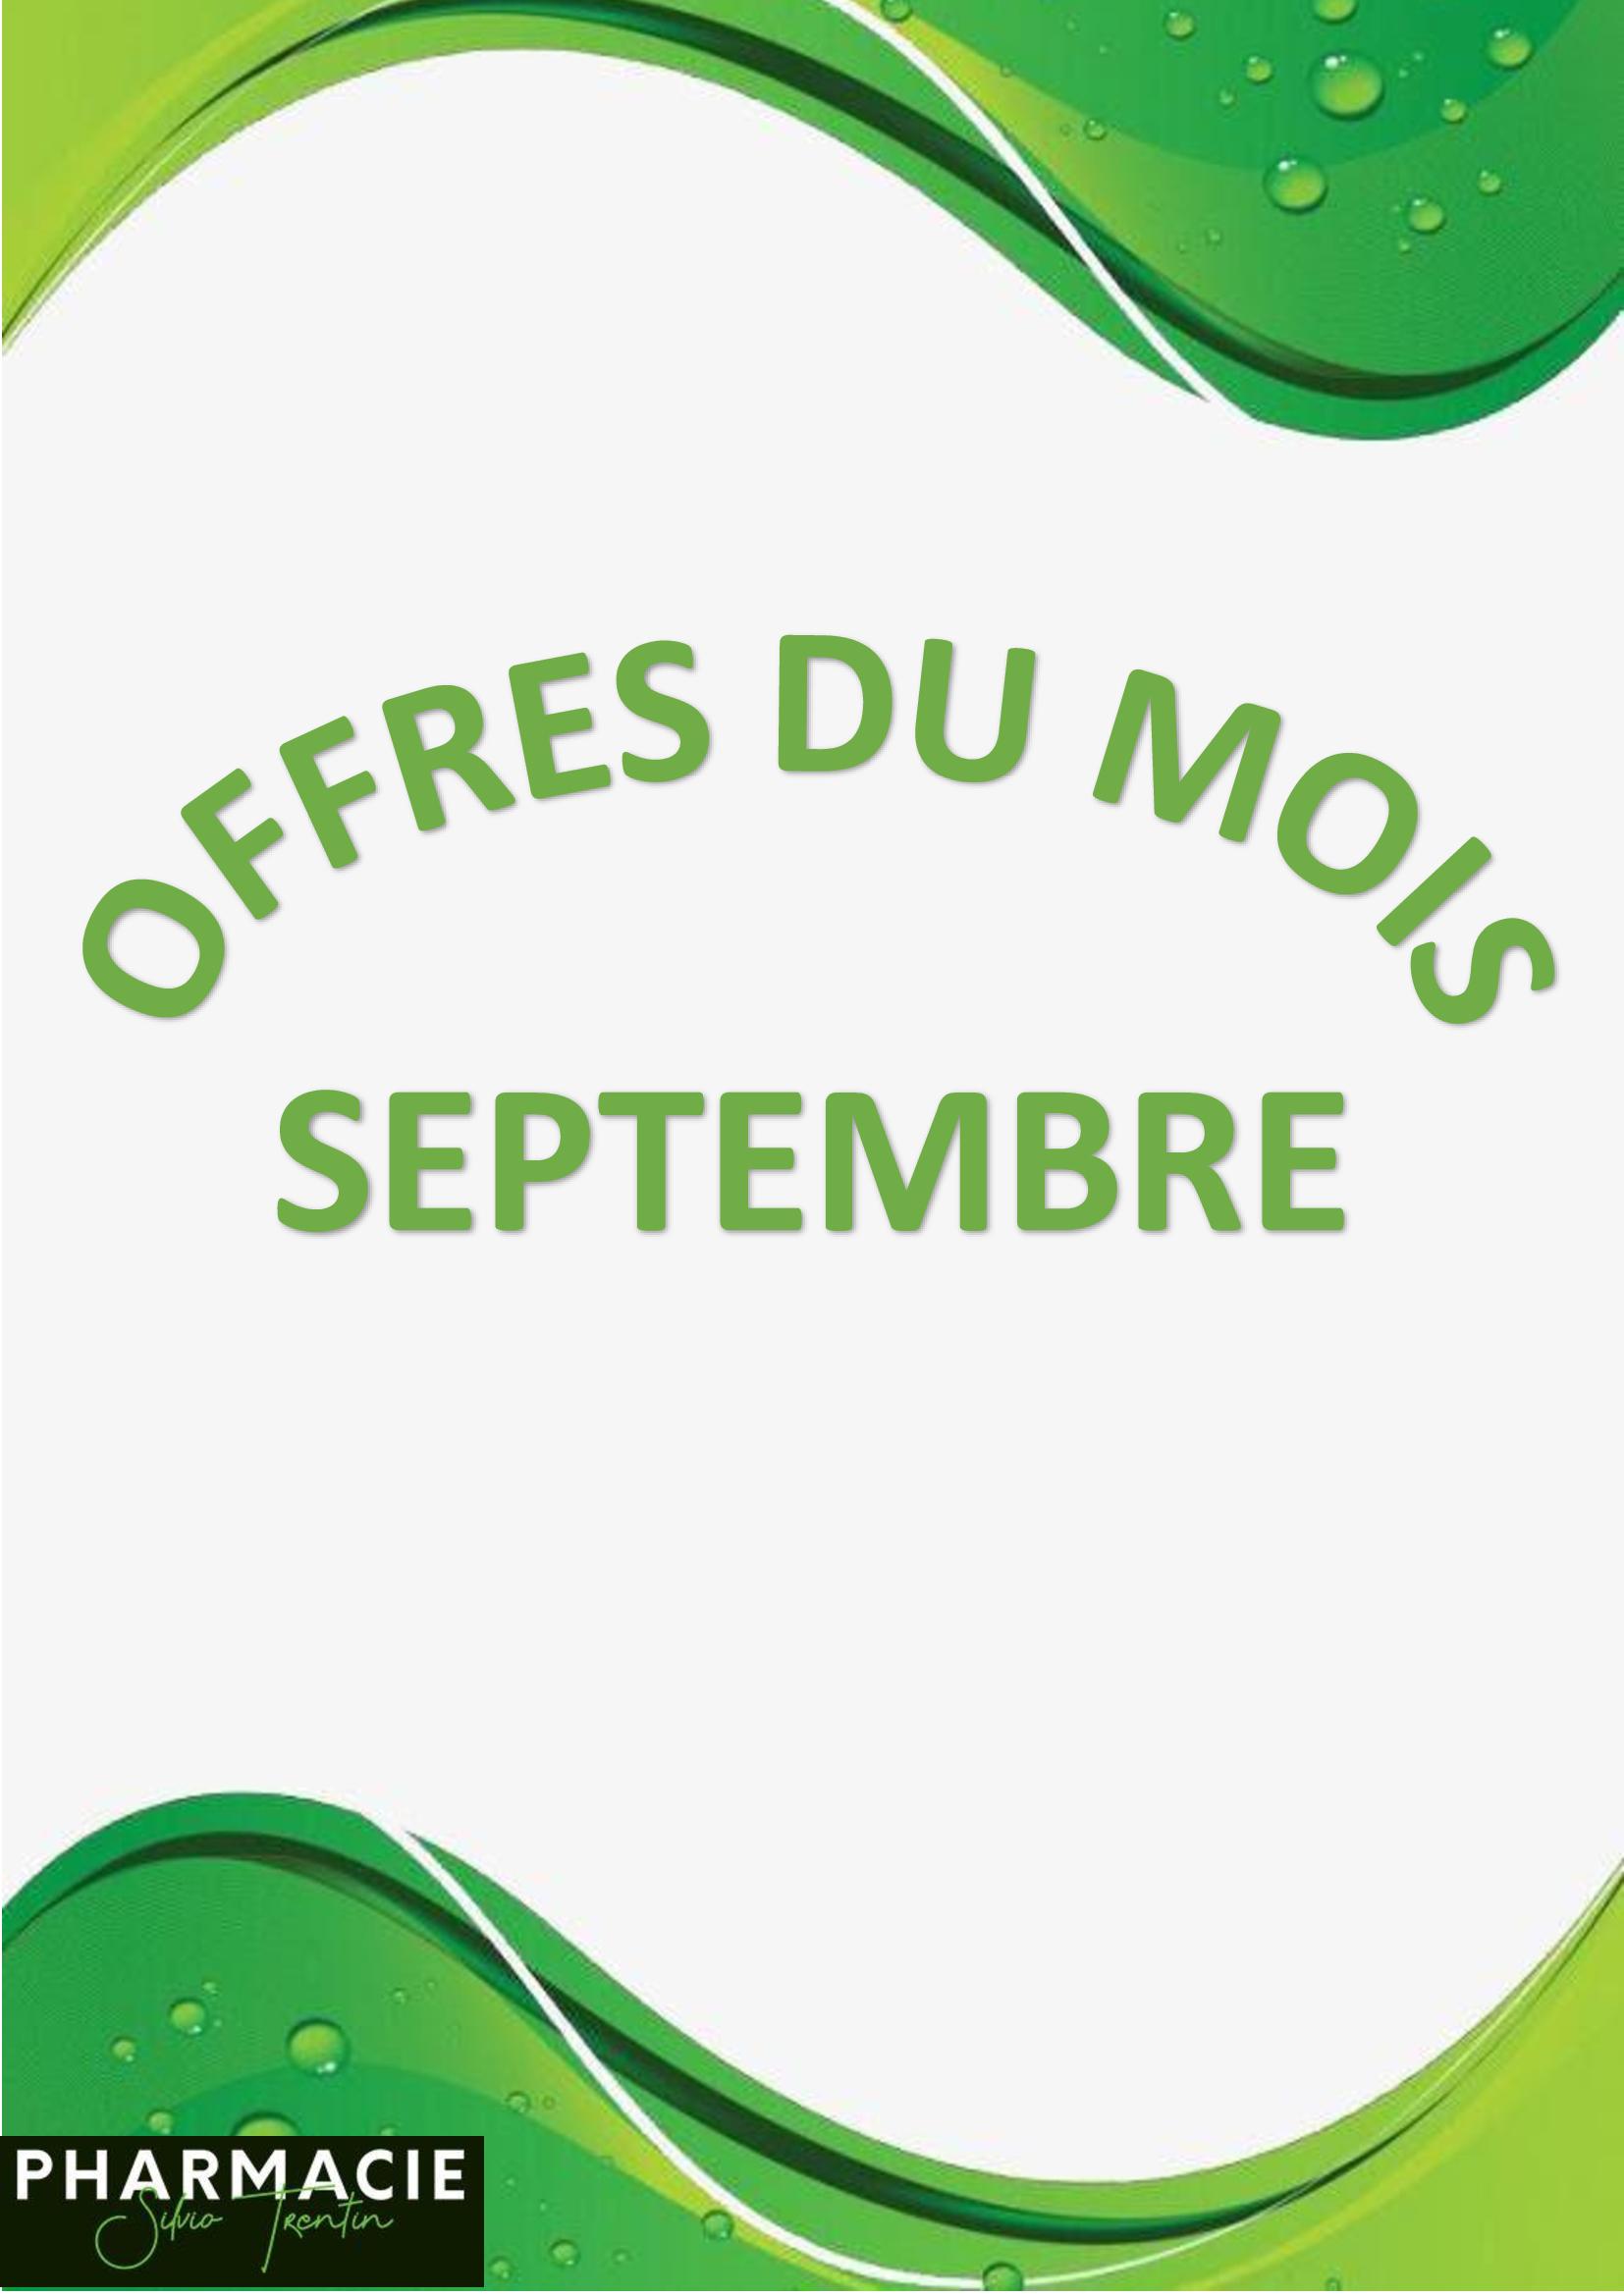 Offres du mois de Septembre